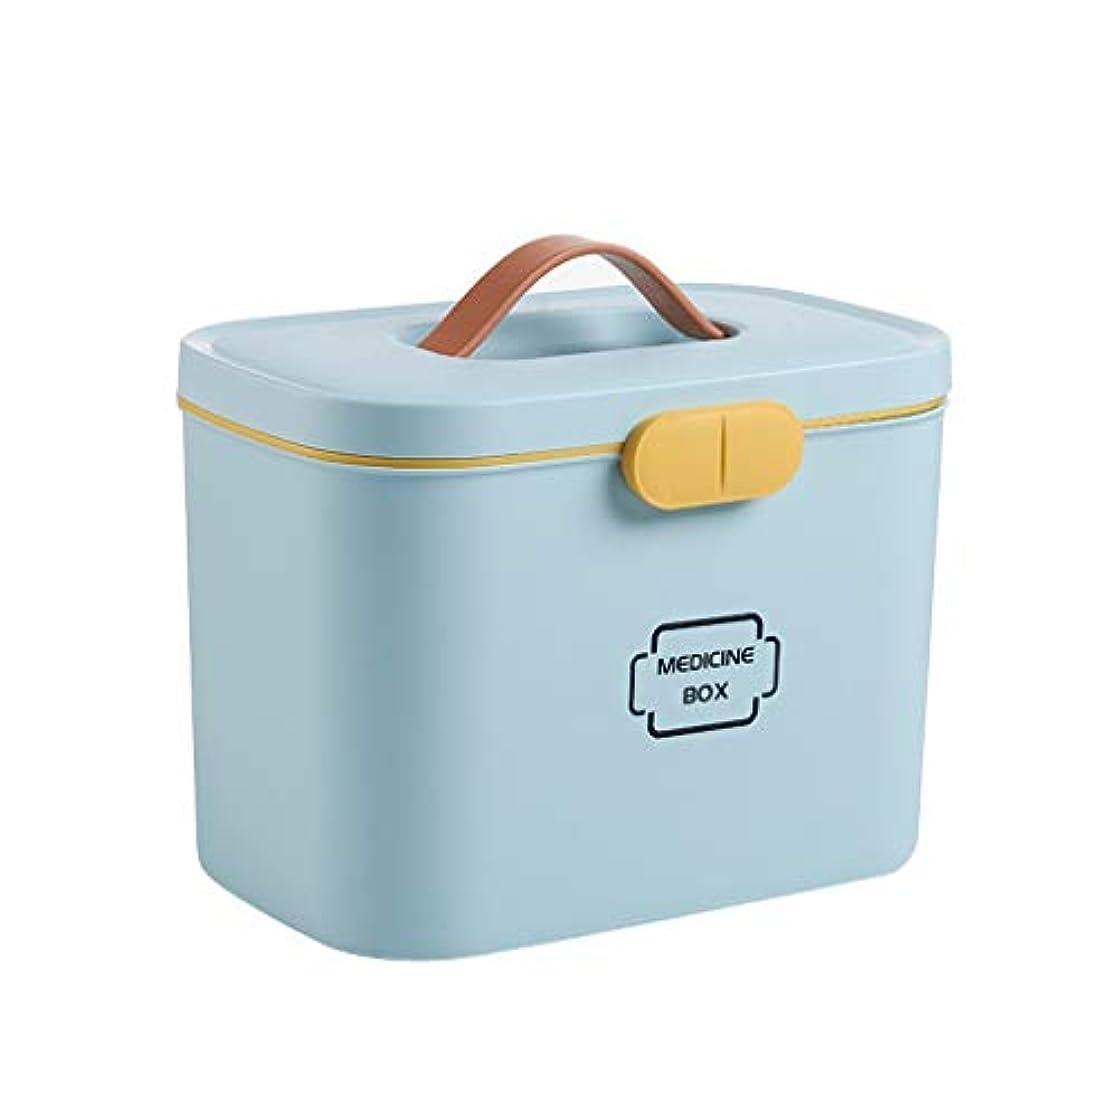 さわやか誠実責めるHTDZDX 応急処置キット収納ボックス医療容器、緊急キャビネット化粧箱、家庭用ポータブル医療収納オーガナイザー (Color : Blue)